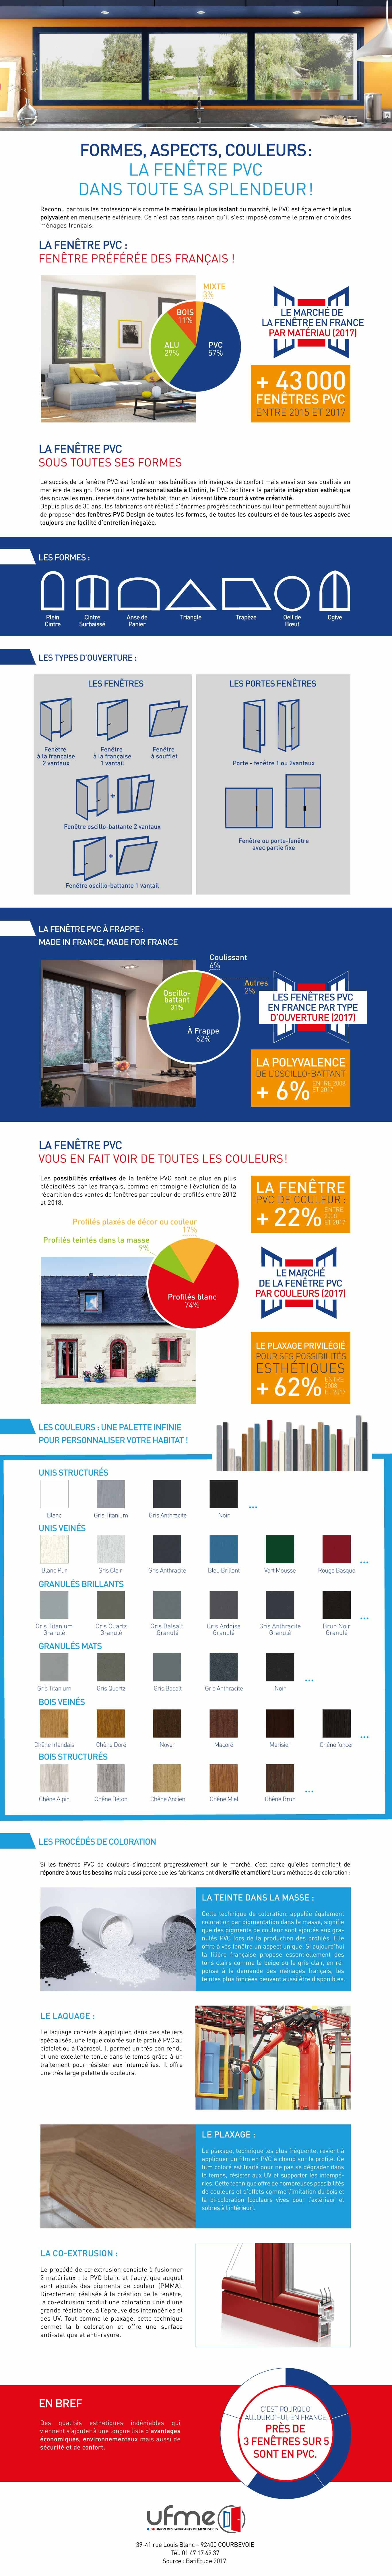 Infographie: formes, aspects, couleurs : la fenêtre PVC dans toute sa splendeur